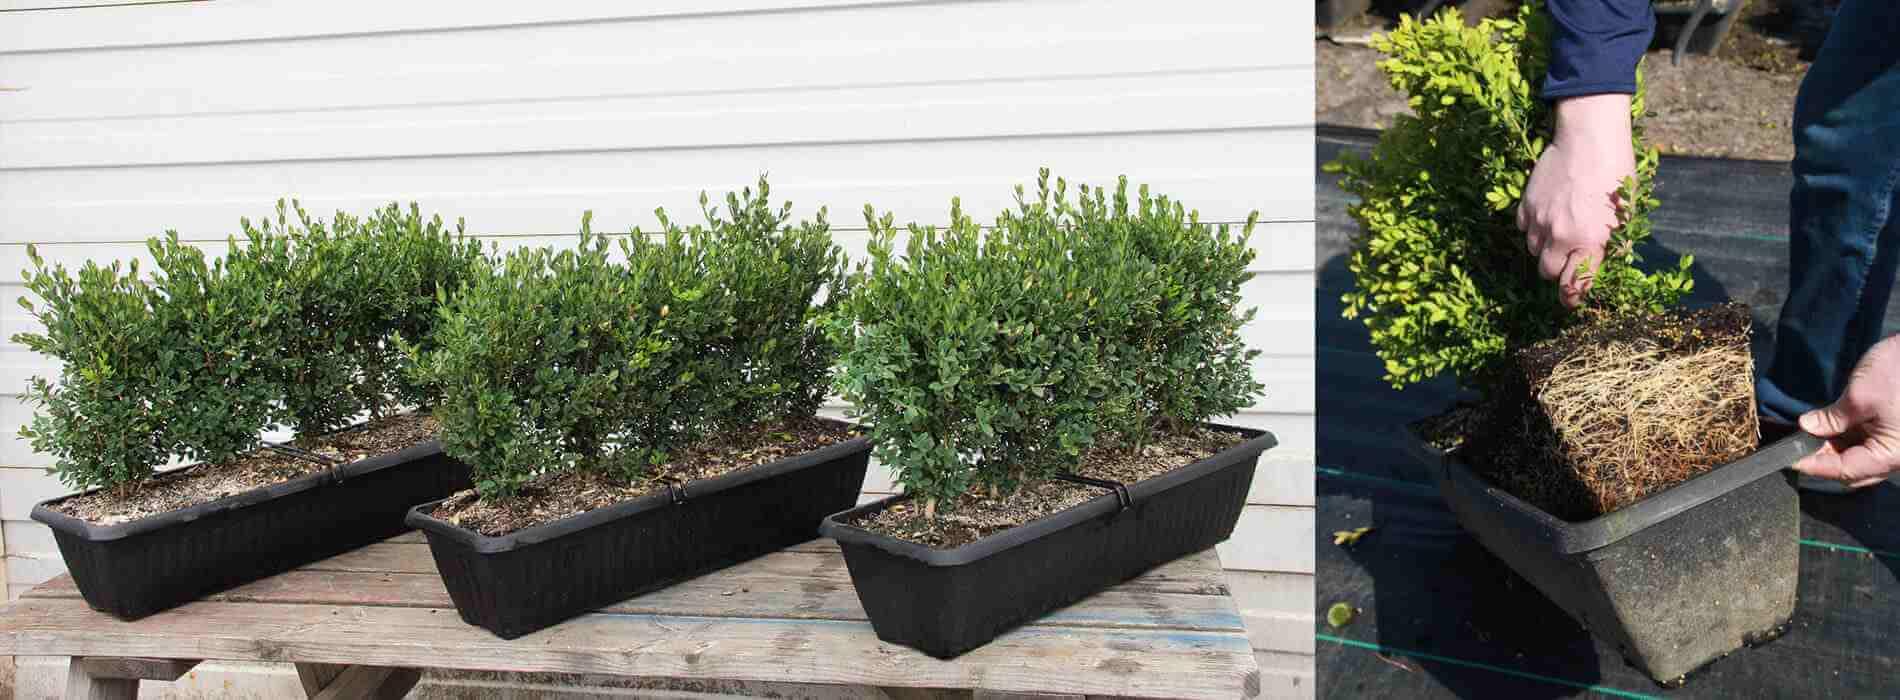 boxwood hedge plants (Buxus)